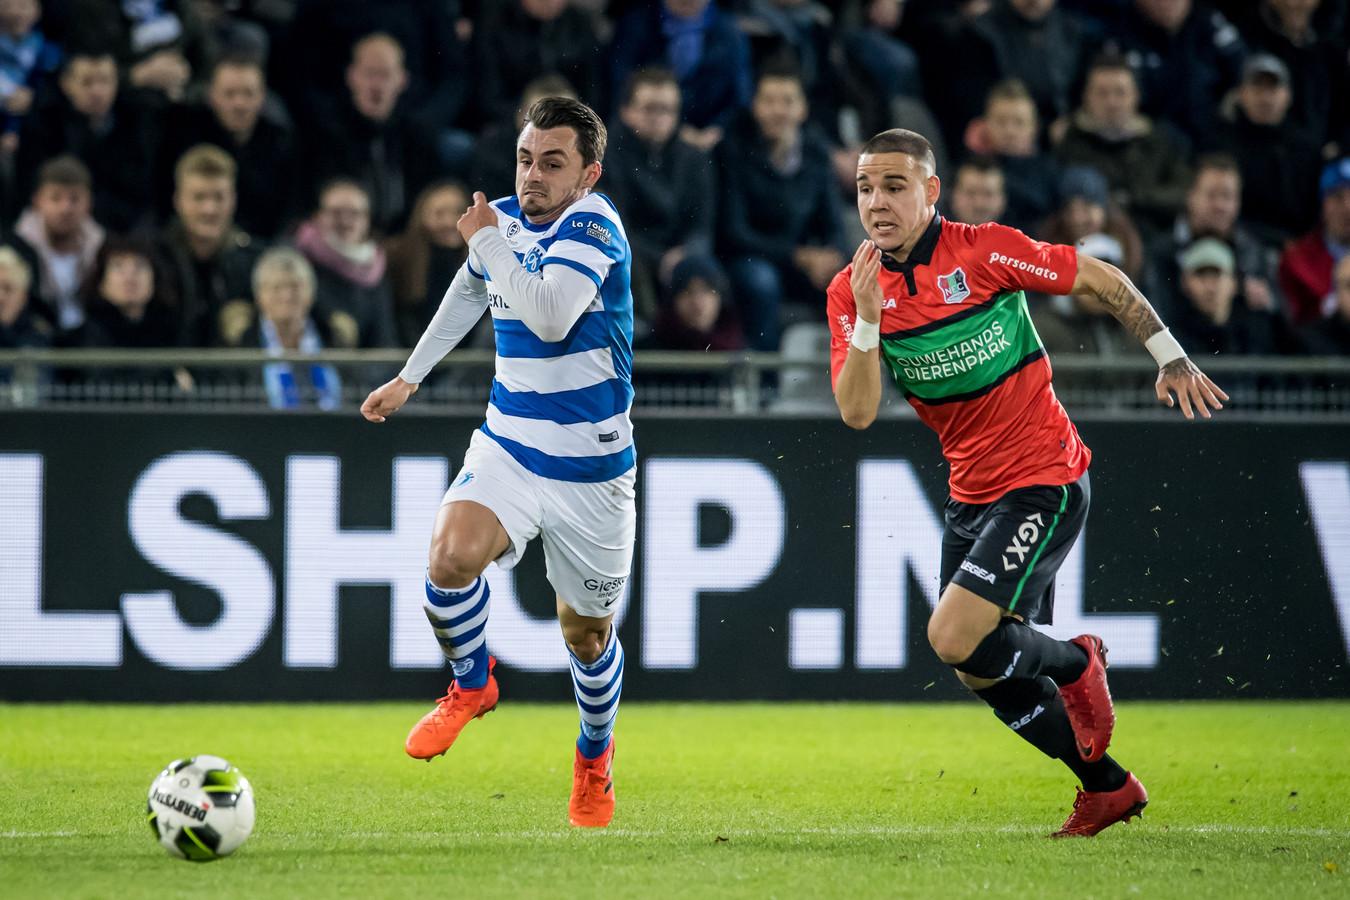 Voor De Graafschap en NEC komt de discussie over een nieuwe competitieopzet als een verrassing.